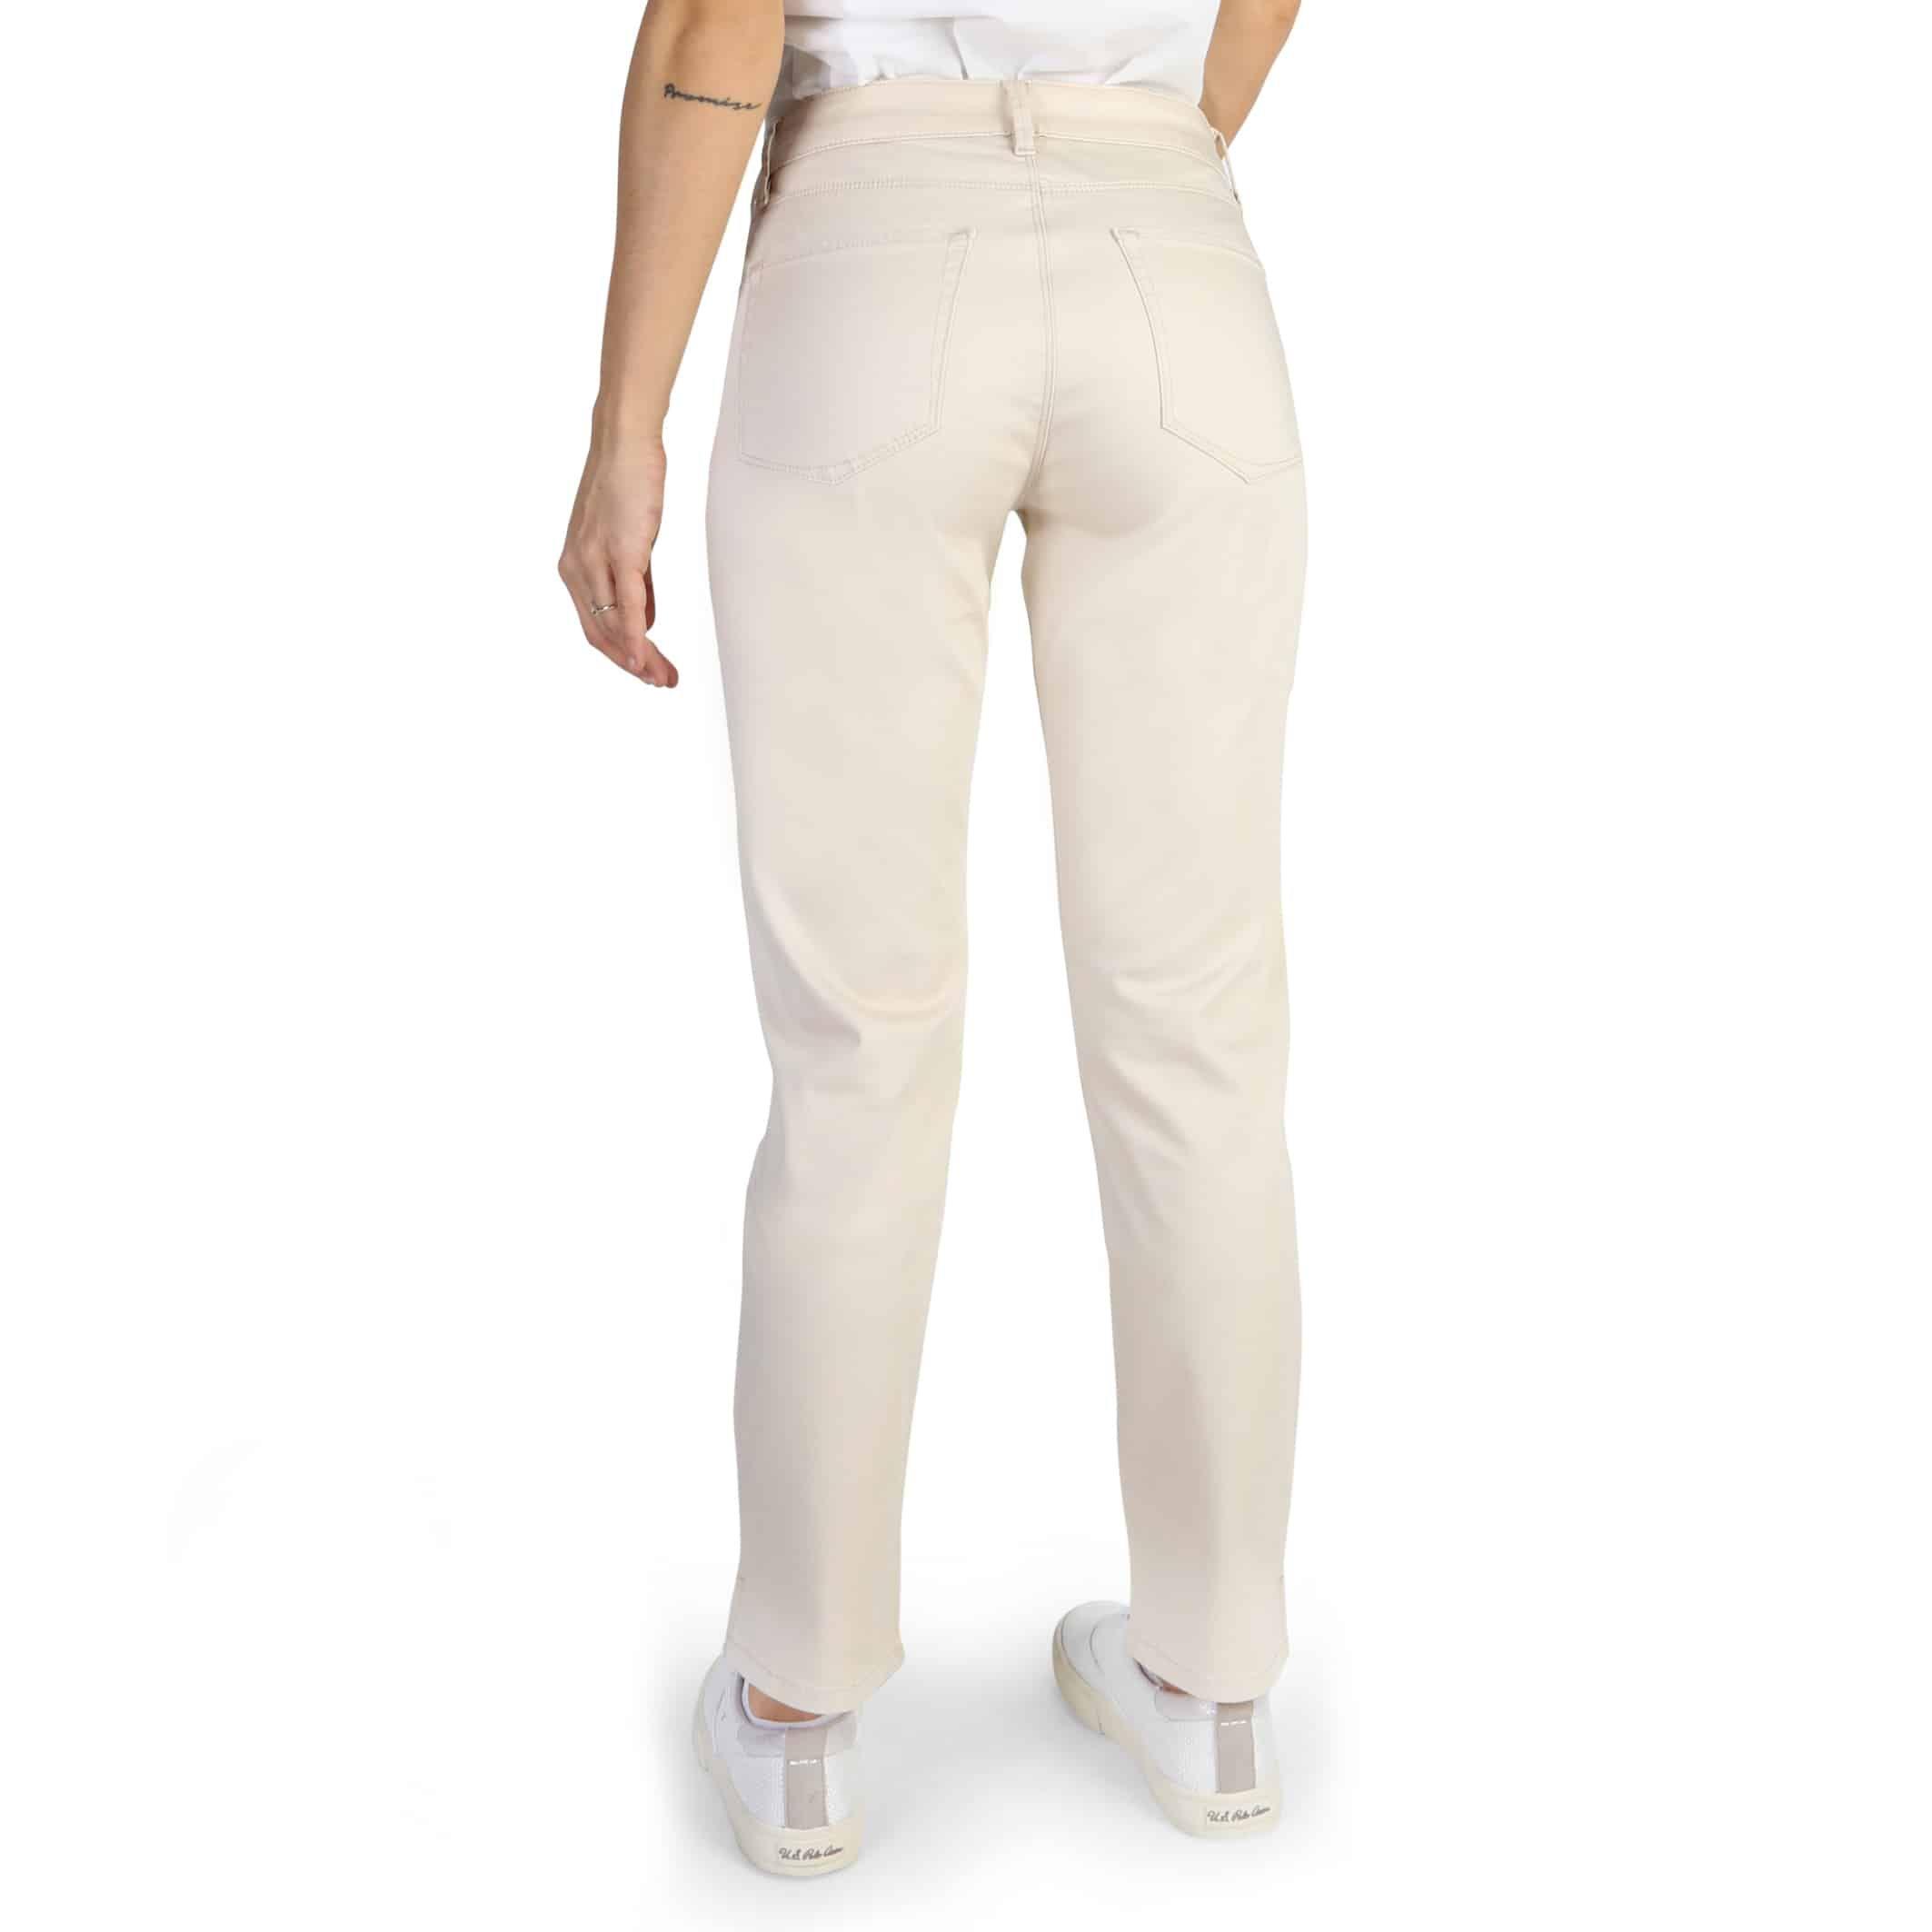 Pantalons Tommy Hilfiger – WW0WW19236